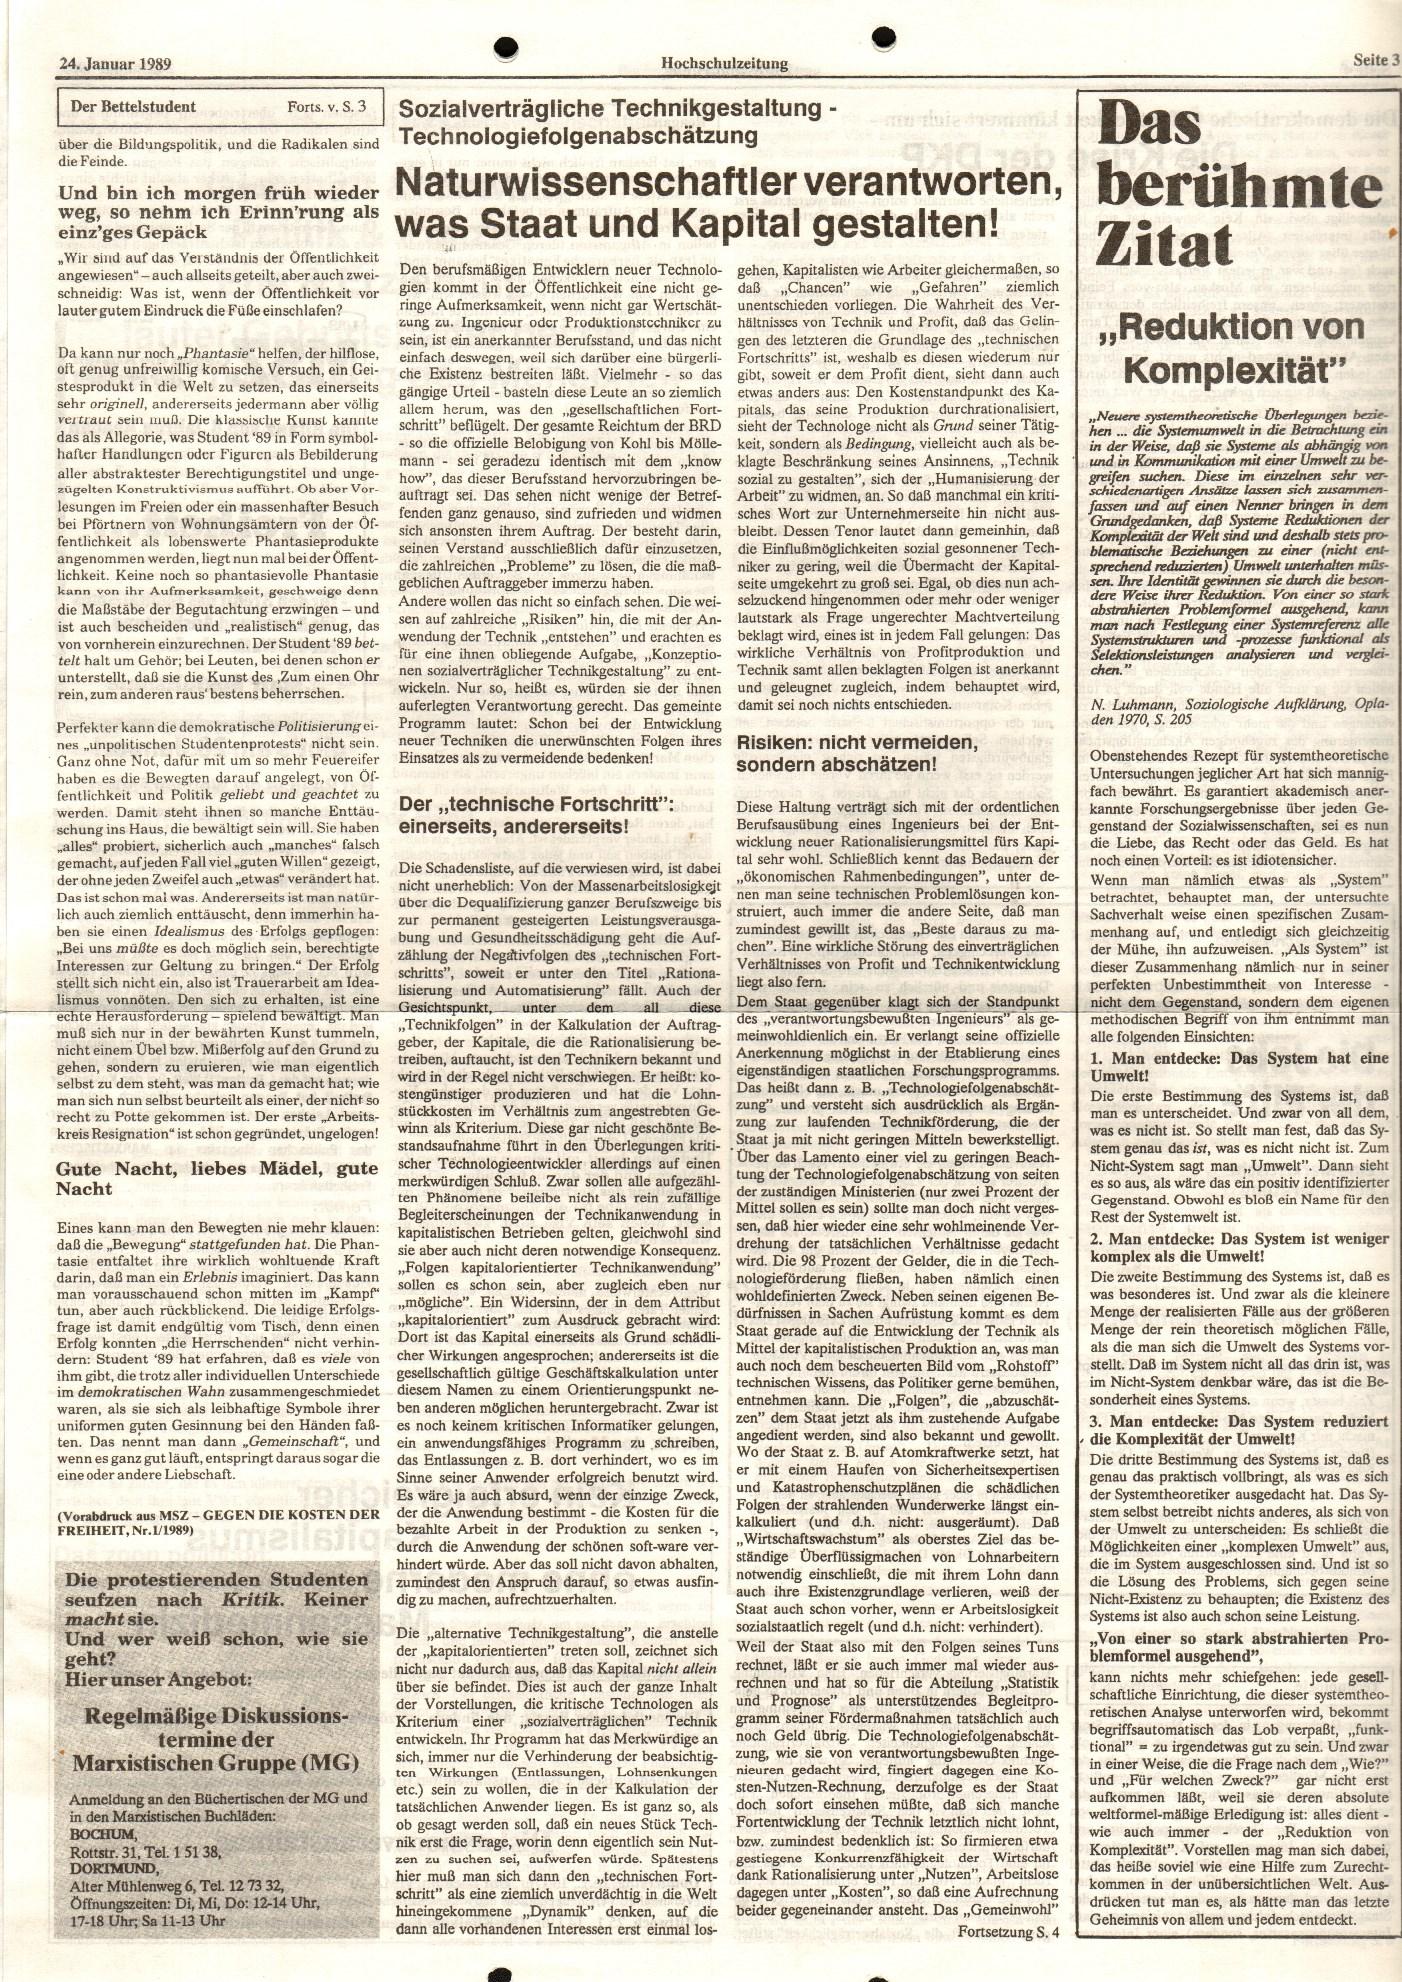 MG_Bochumer_Hochschulzeitung_19890124_03